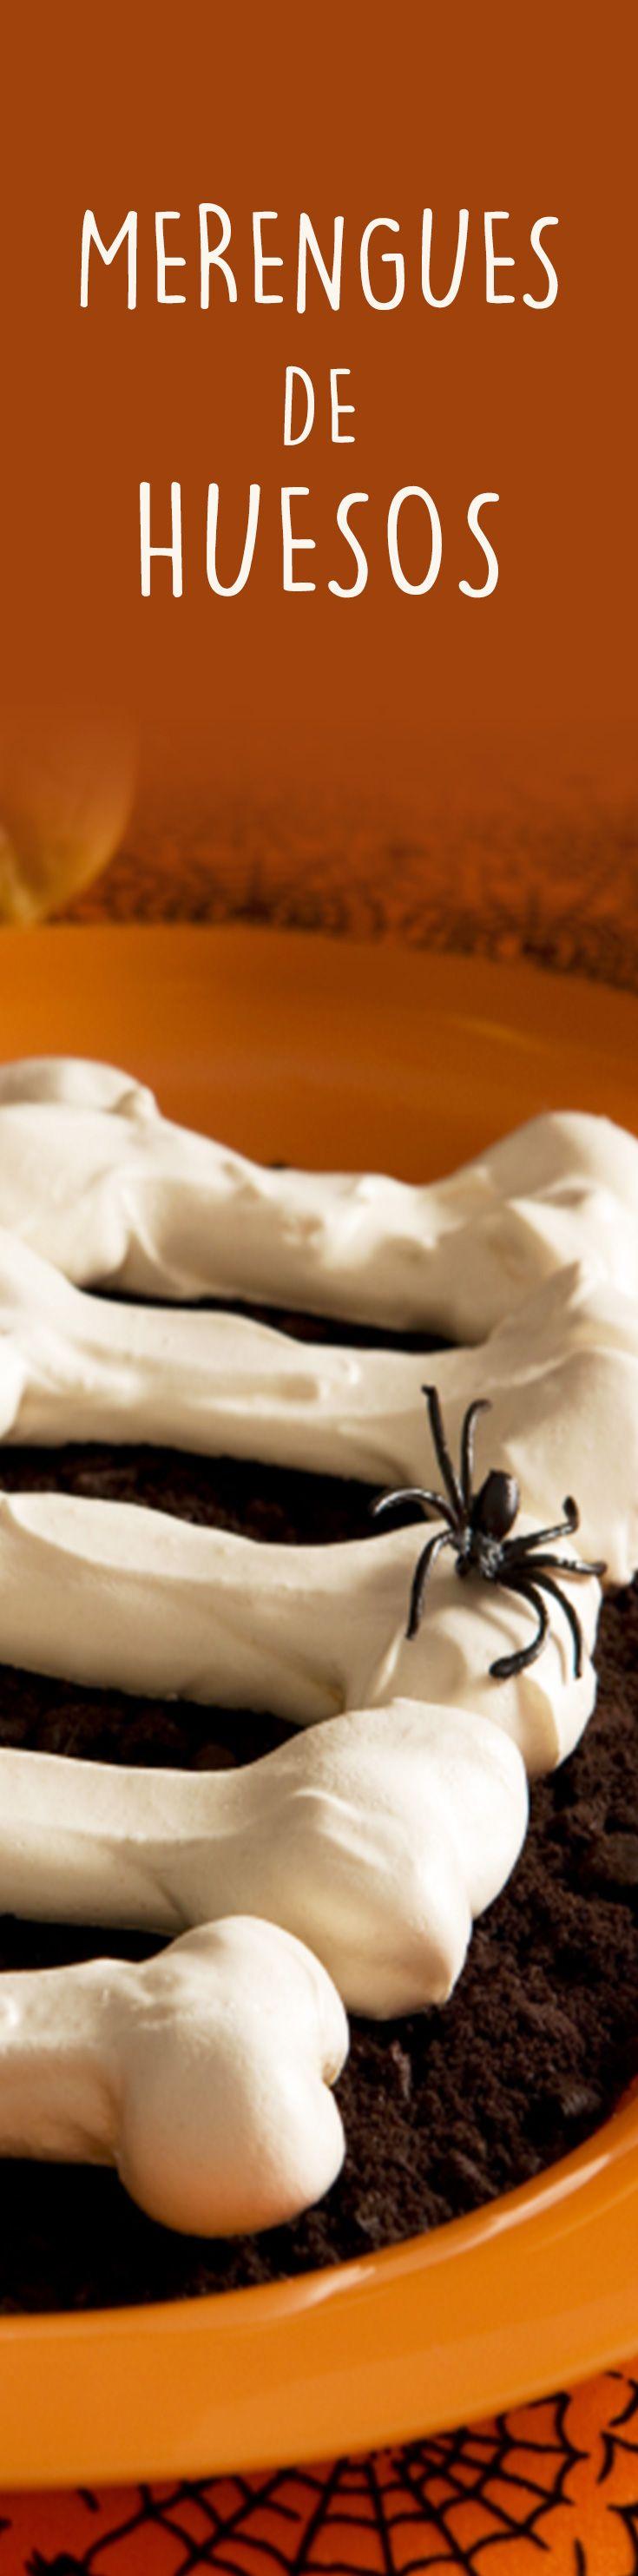 Esta receta es muy fácil y queda padrísima para una fiesta de halloween o día de los muertos. El secreto esta en como haces la forma de los huesitos.